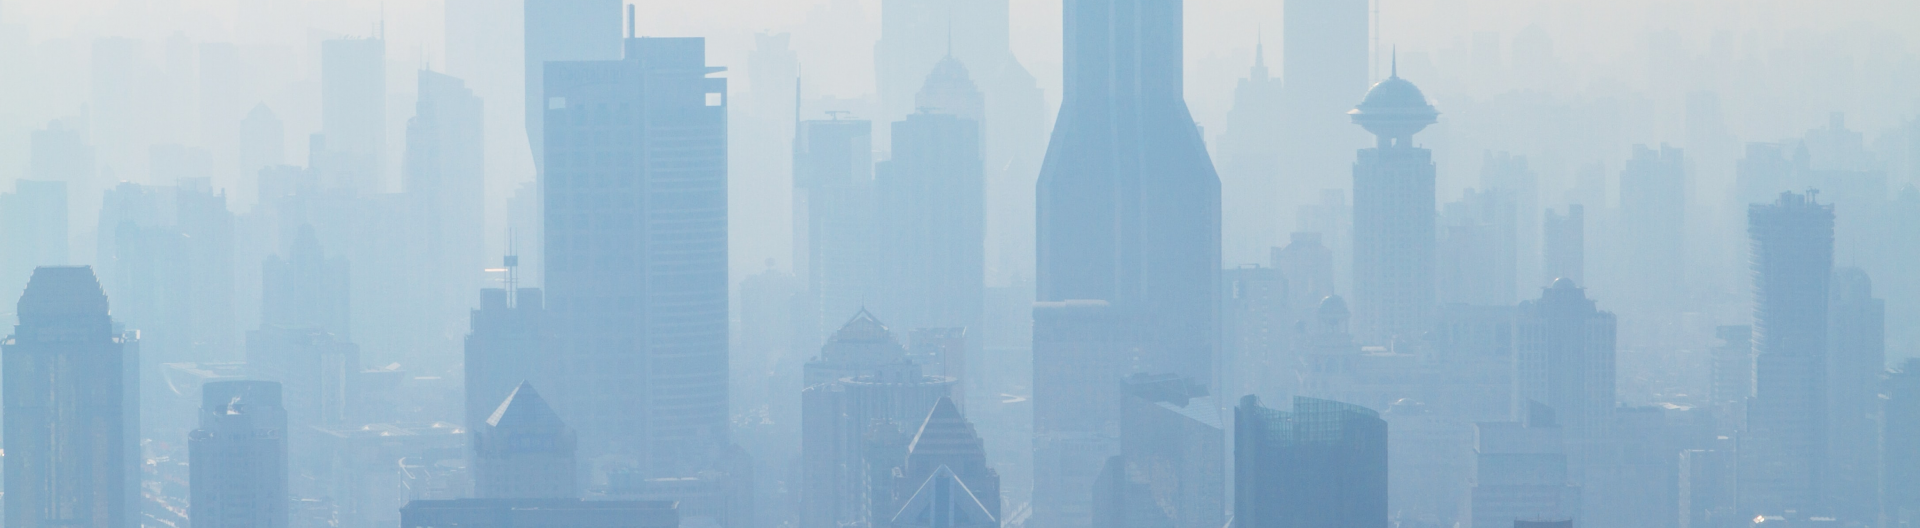 Skyline von Shanghai im Smog